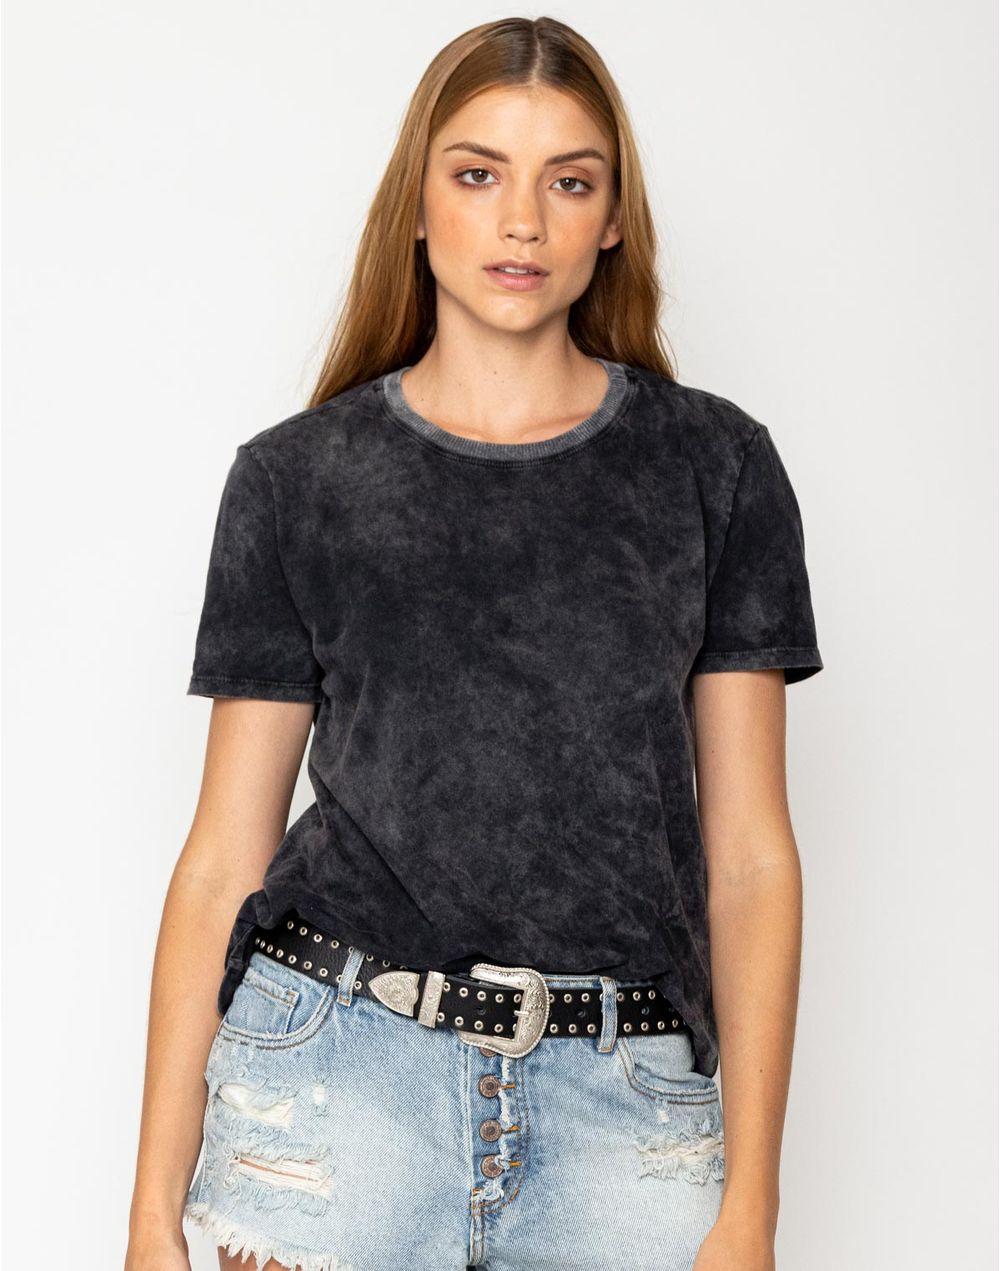 camiseta-180316-negro-1.jpg